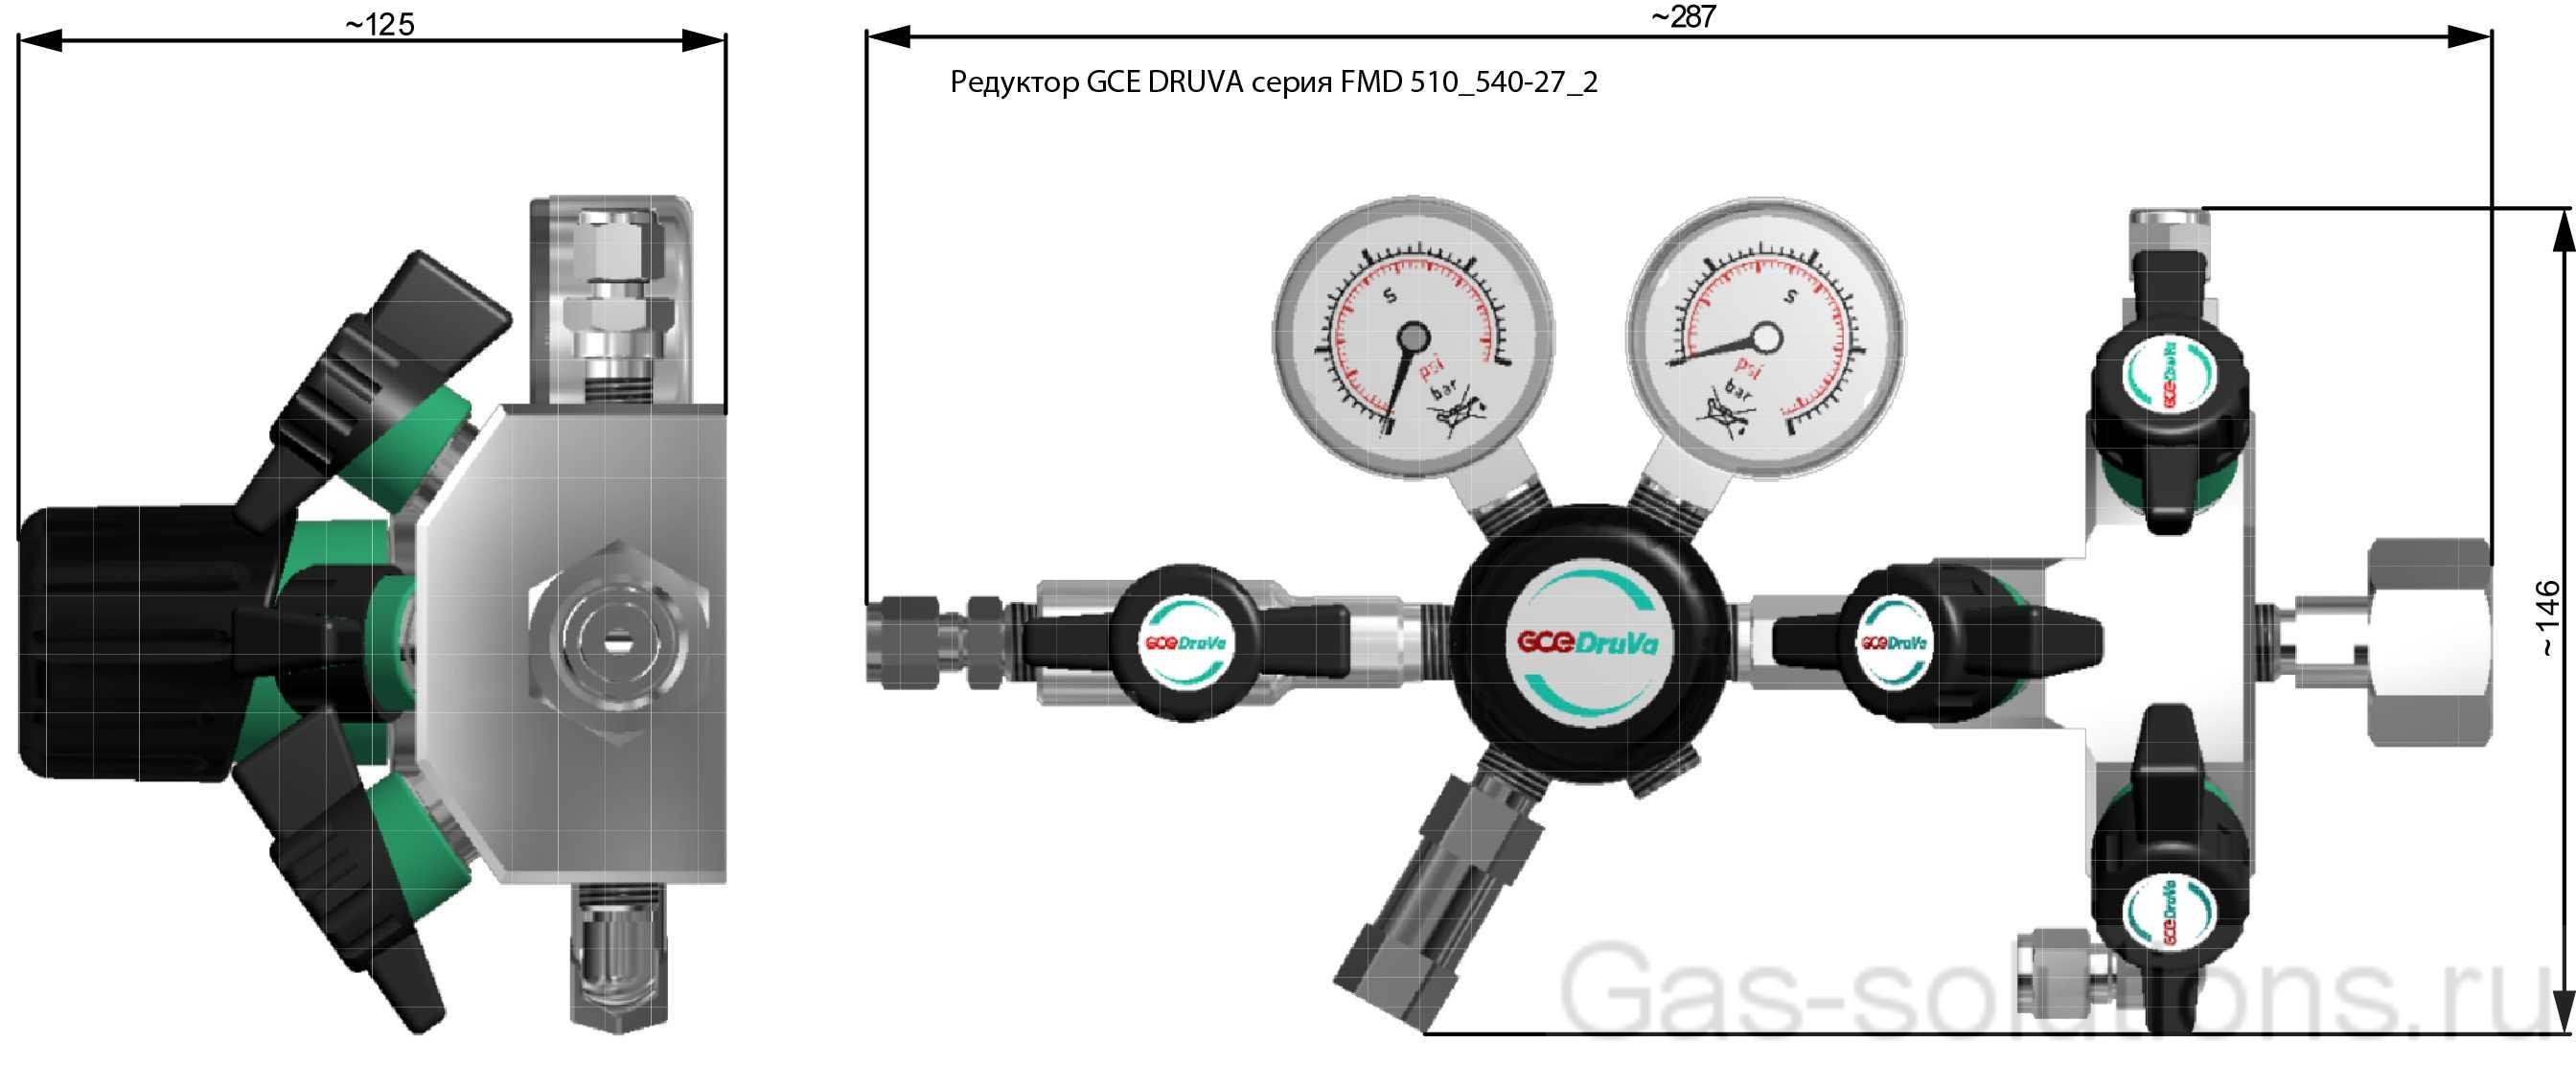 Редуктор GCE DRUVA серия FMD 510_540-27_2